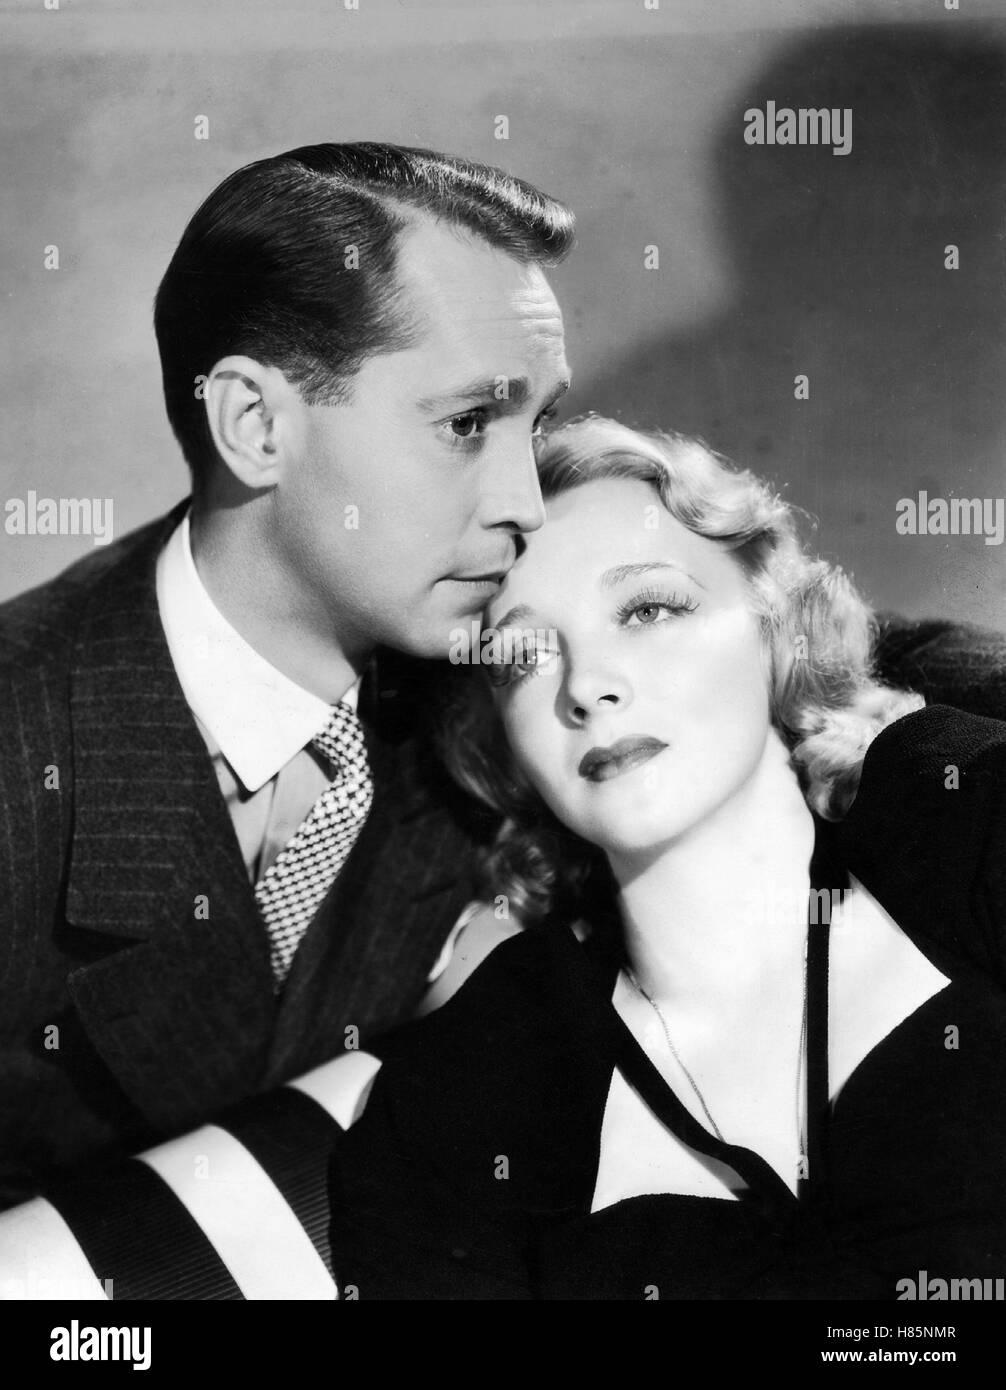 Der Arzt und die Frauen, (BETWEEN TWO WOMEN) USA 1937, Regie: George B. Seitz, FRANCHOT TONE, VIRGINIA BRUCE, Stichwort: - Stock Image